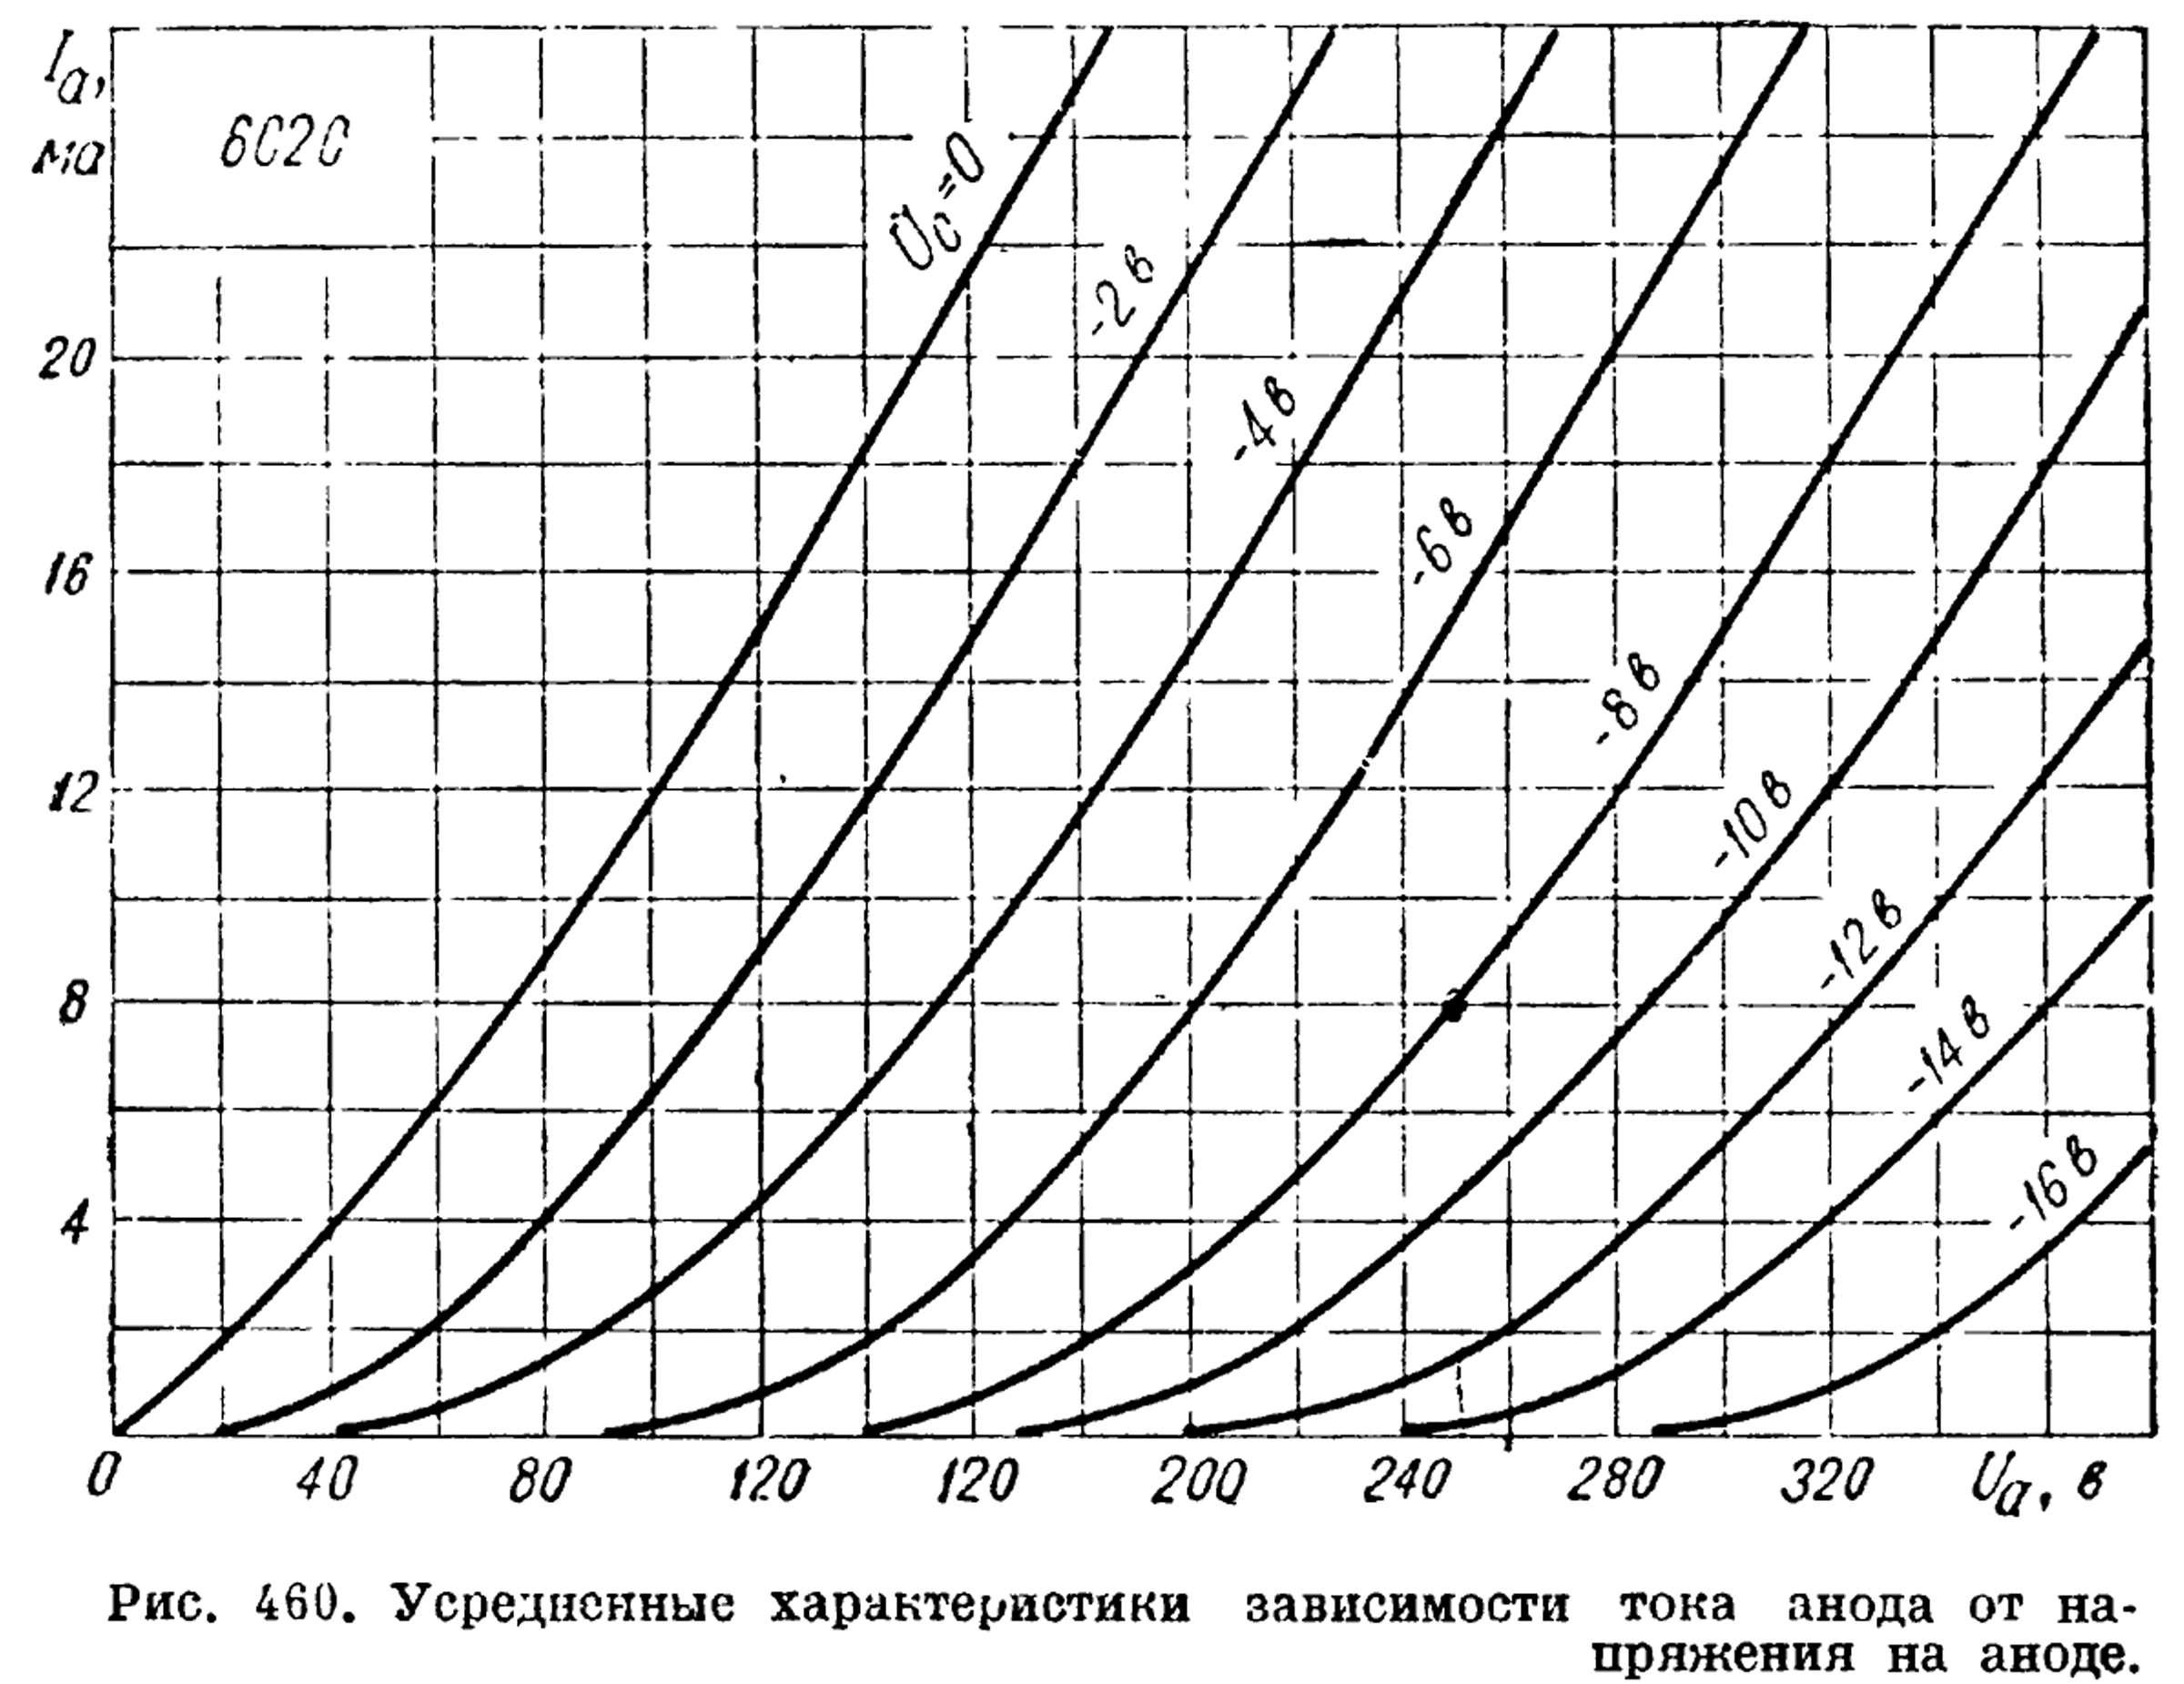 Параметры радиолампы 6С2С